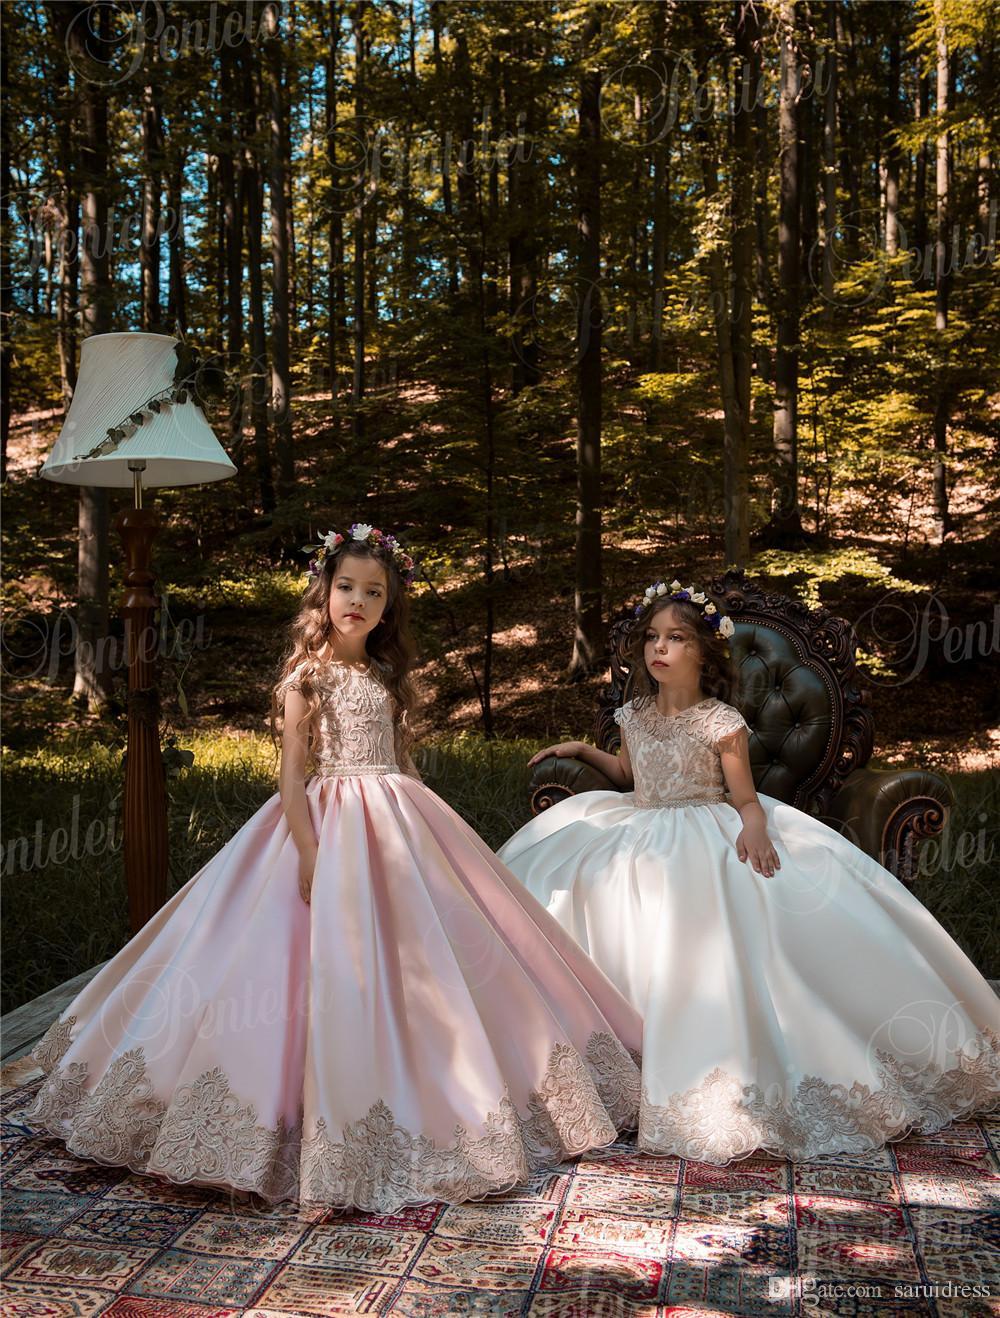 Weinlese-Rosa-Prinzessin Flower Girl Dresses mit Goldspitze Appliqued Hochzeitsfest-Tutu Kindergeburtstag-Kleider 2106